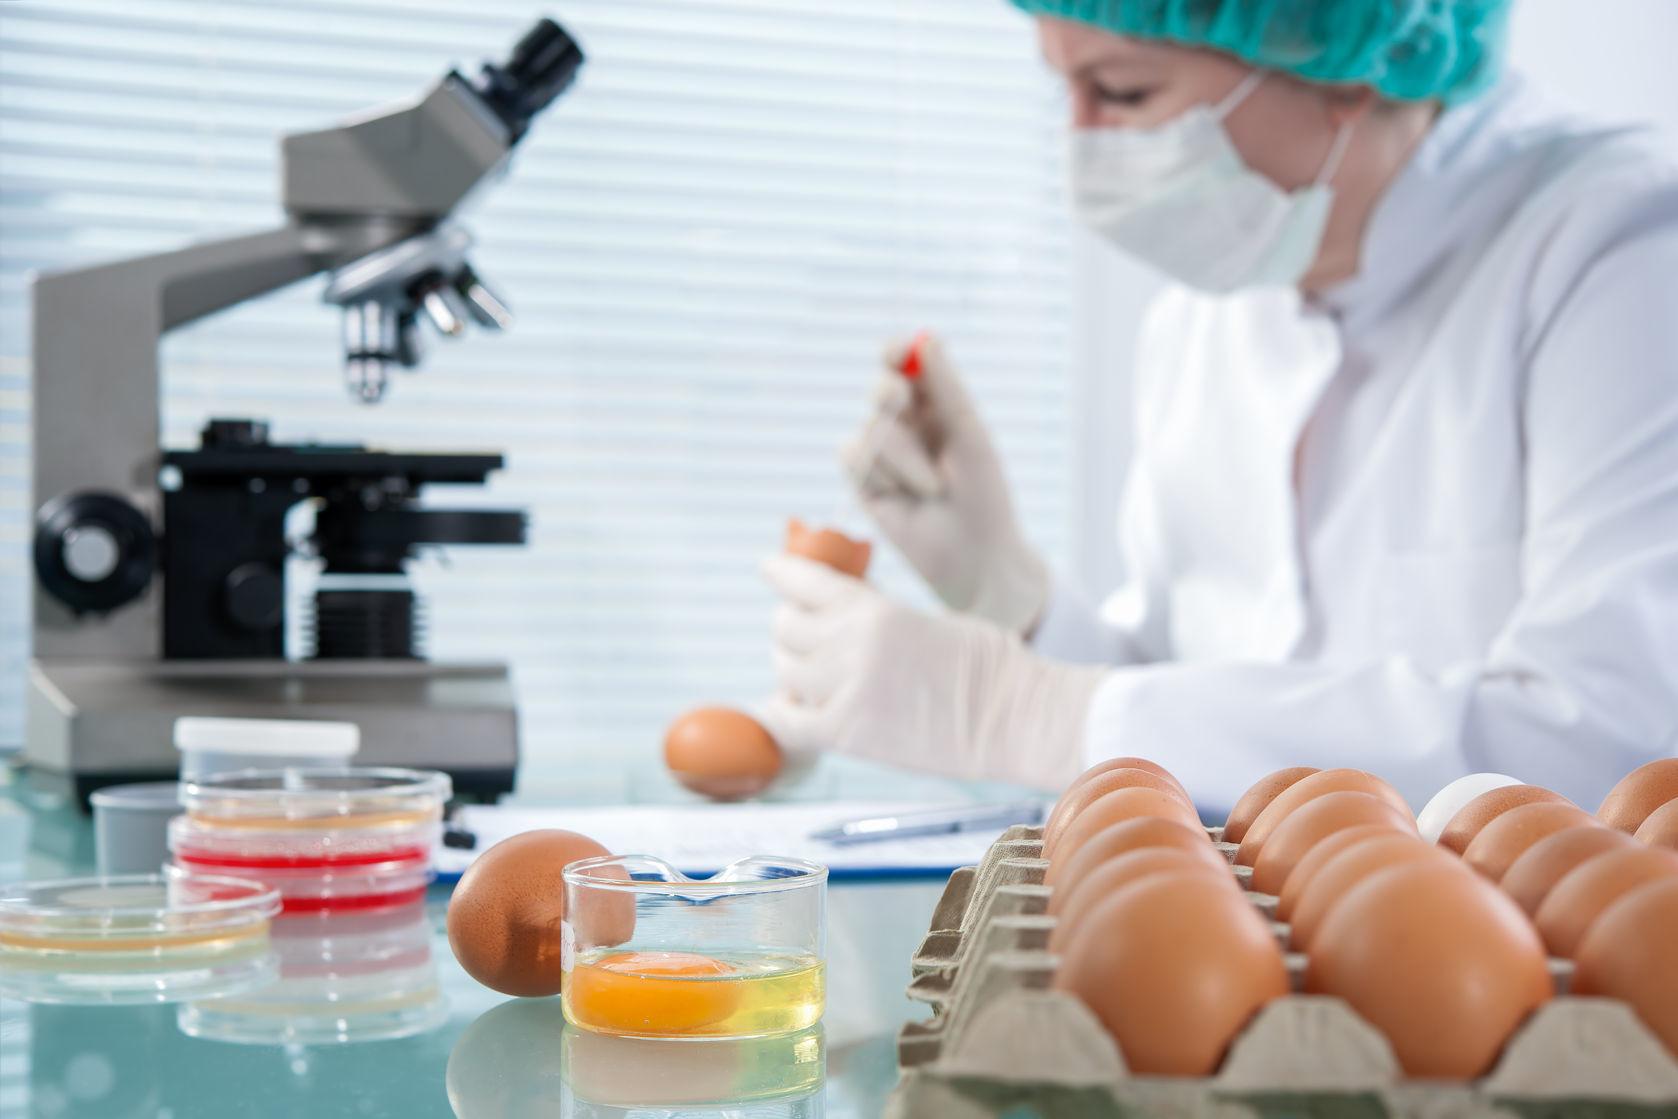 Микробиологический анализ продуктов питания фото